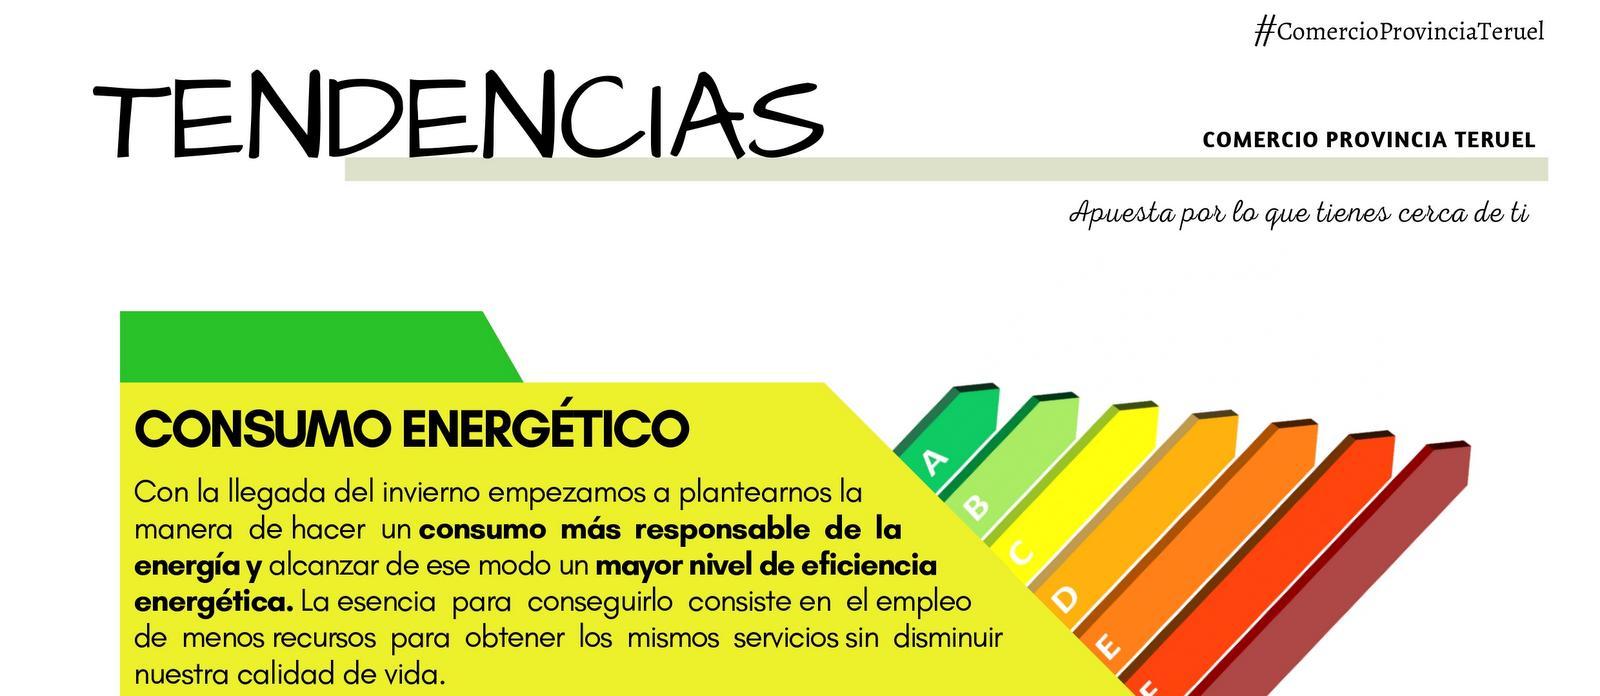 Tendencias 2021 en Consumo Energético. Cepyme Teruel